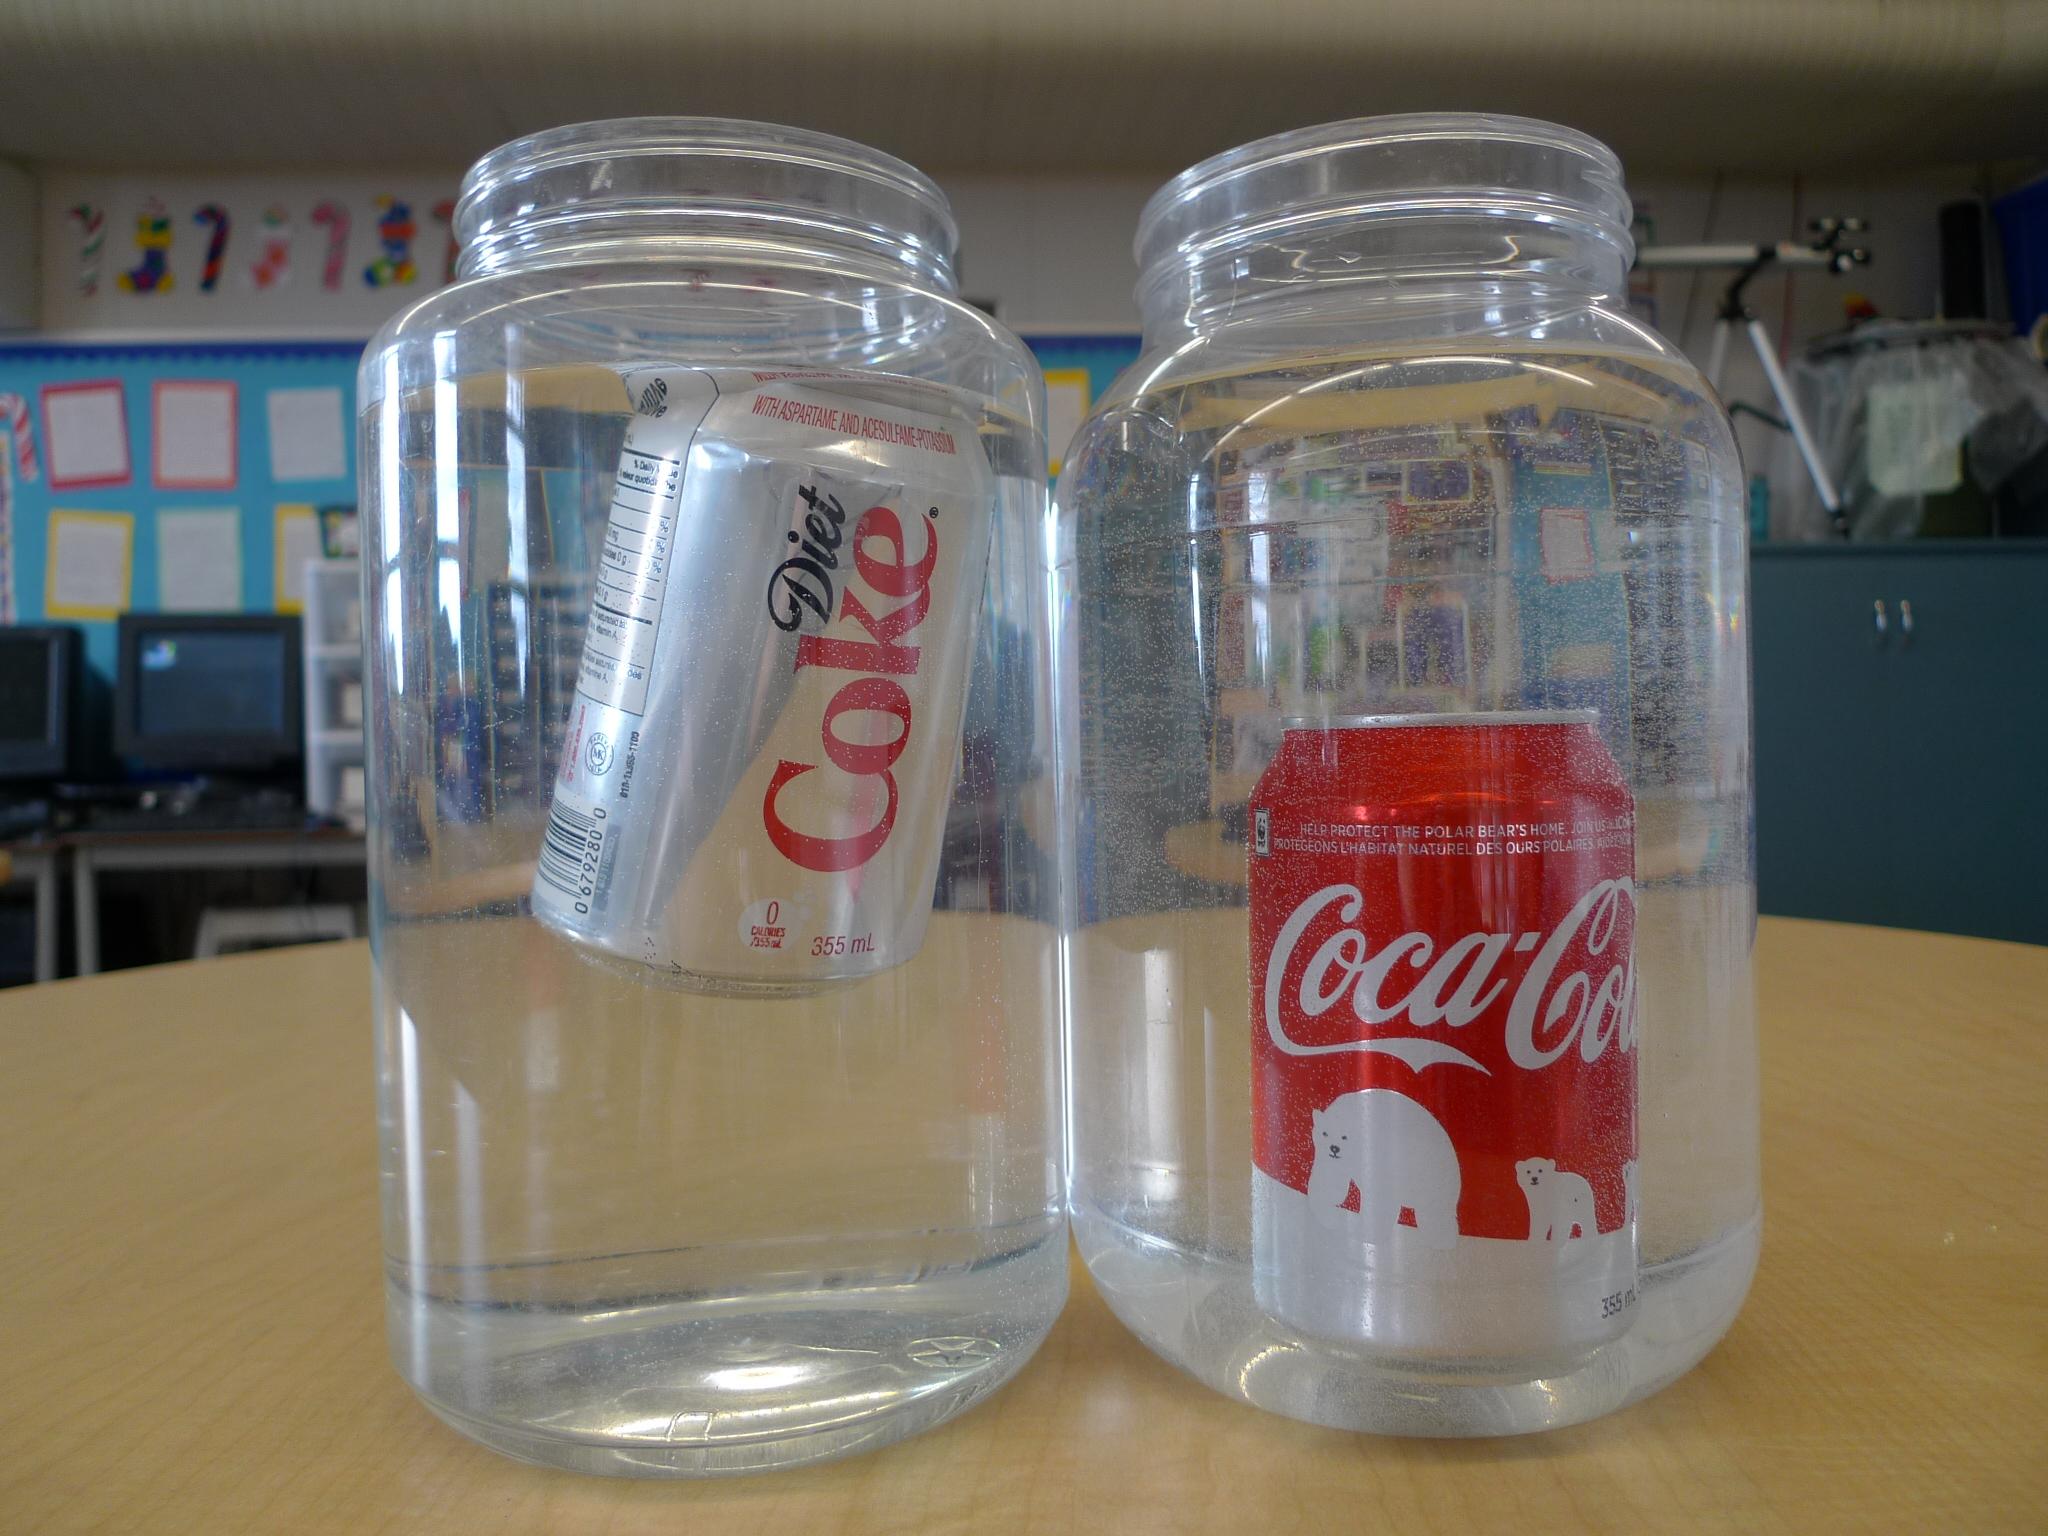 diet coke floats regular coke sinks